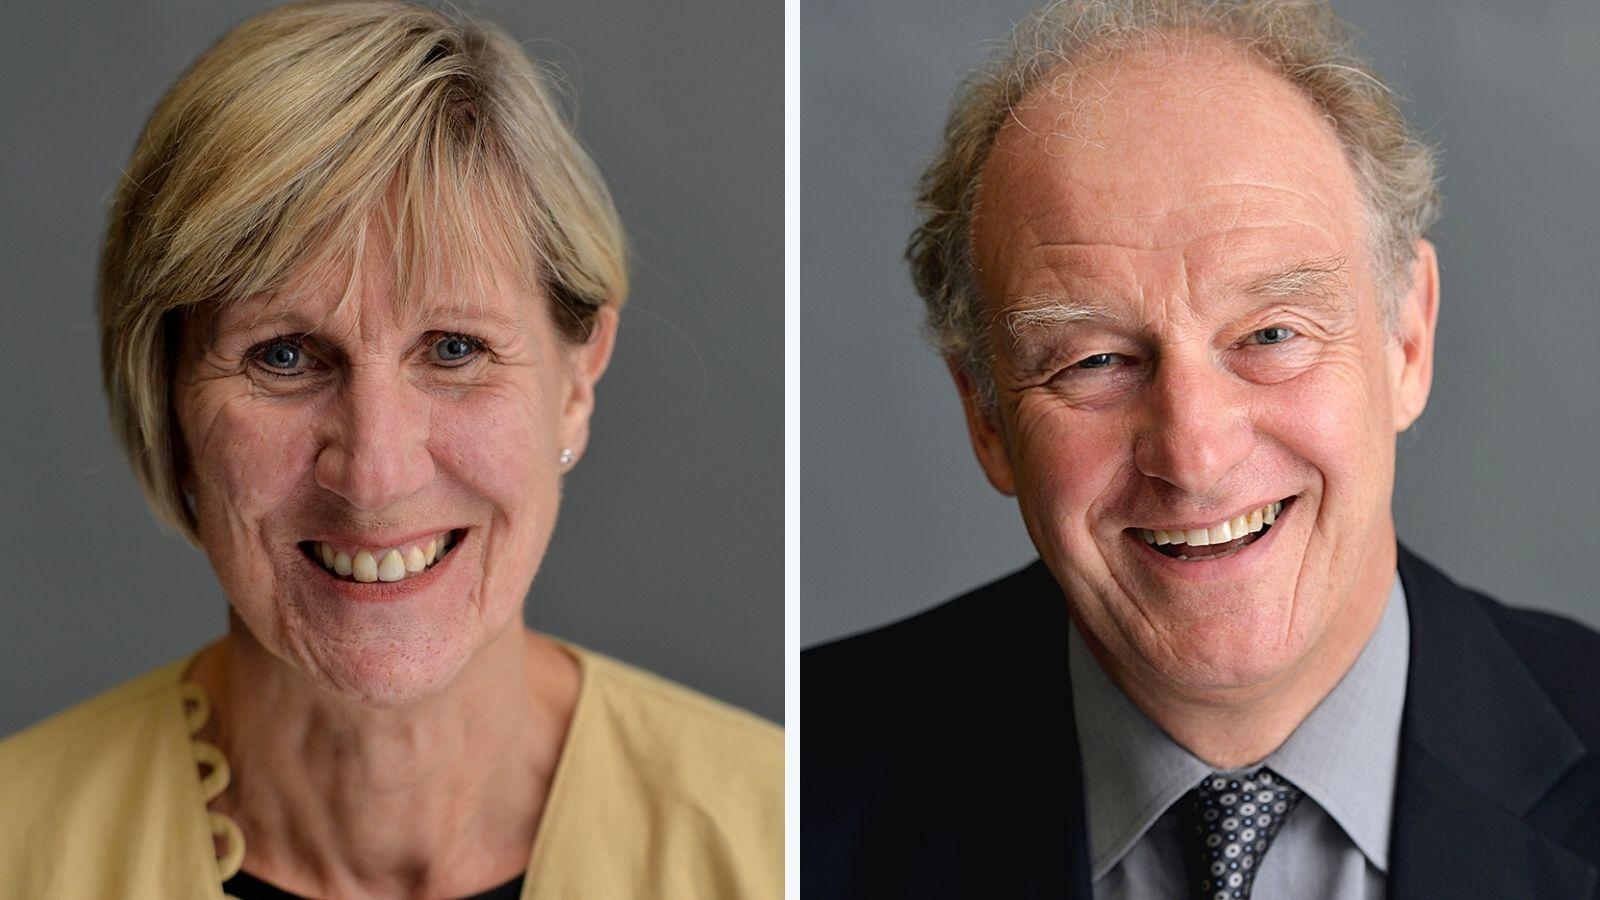 Professor Carrie MacEwen and Martin Allen